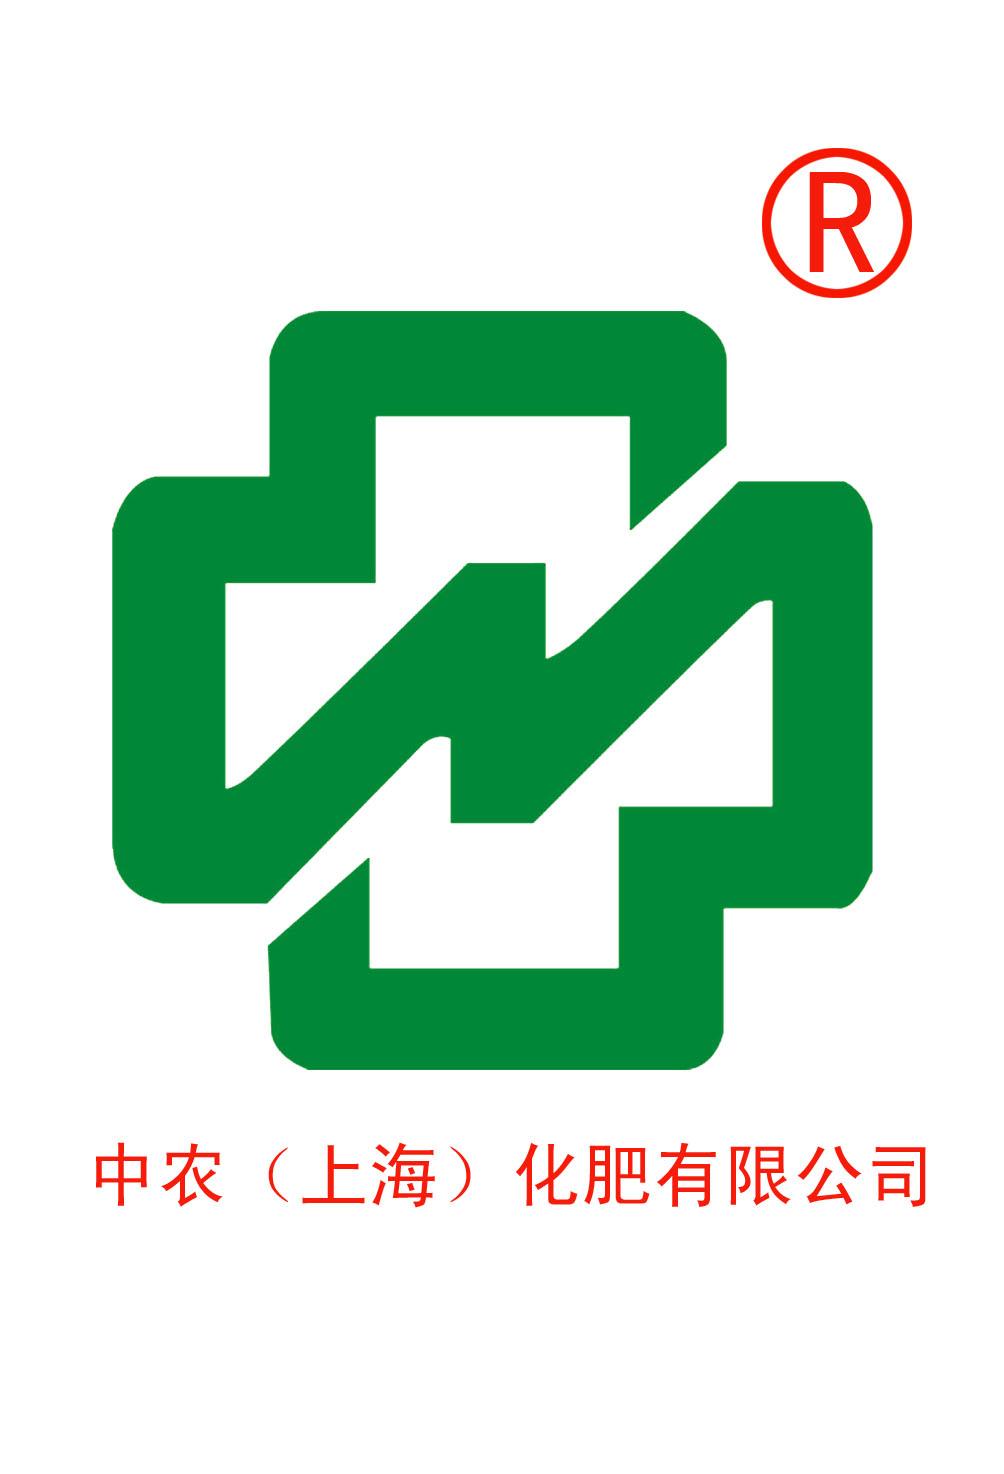 logo logo 标识 标志 设计 矢量 矢量图 素材 图标 1004_1474 竖版 竖